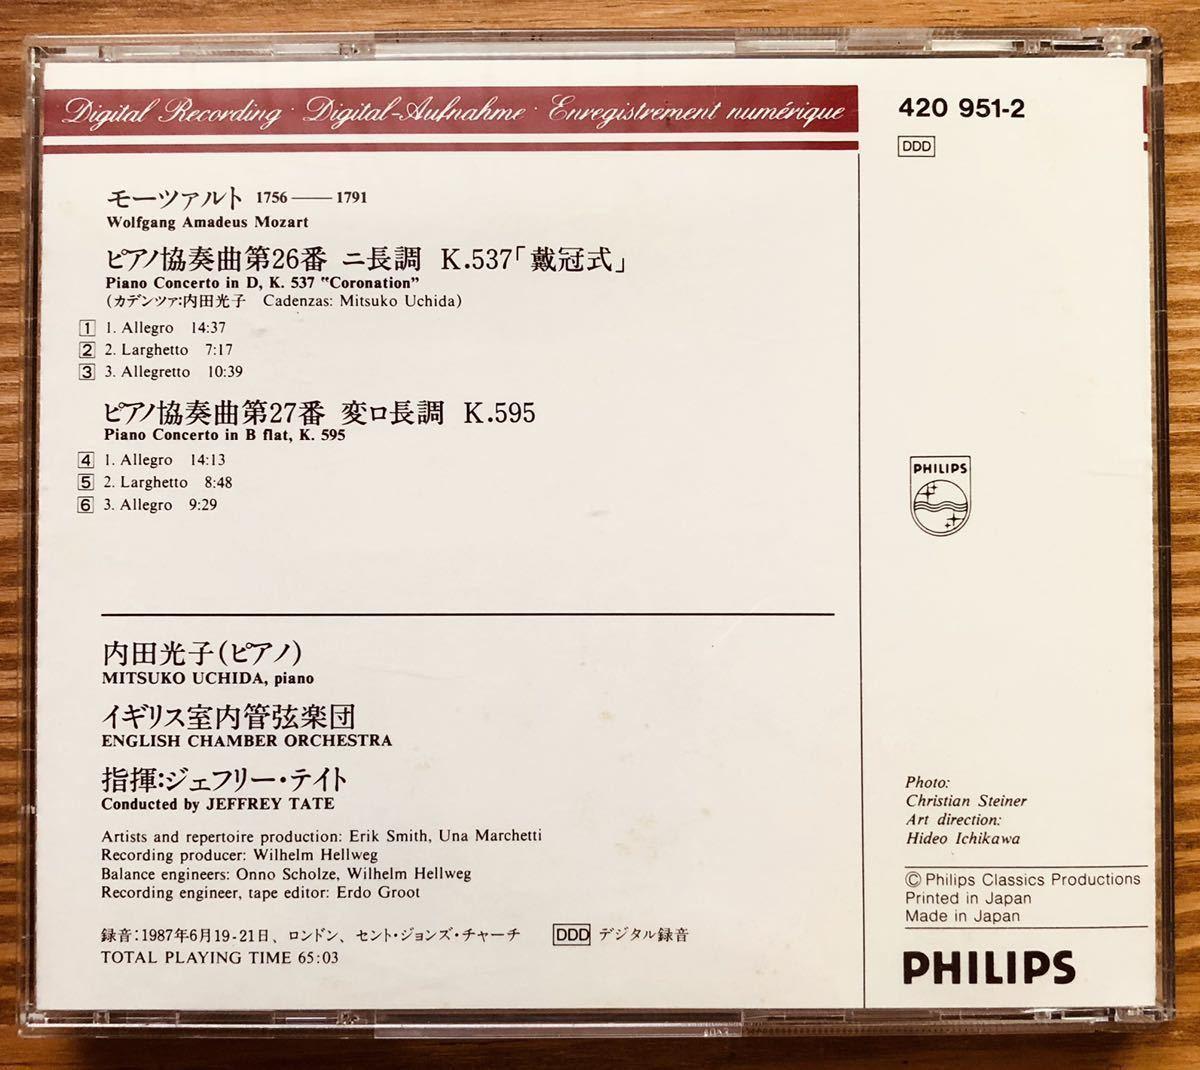 モーツァルト ピアノ協奏曲第26番「戴冠式」、第27番 内田光子(ピアノ) ジェフリー・テイト/イギリス室内管弦楽団_画像2